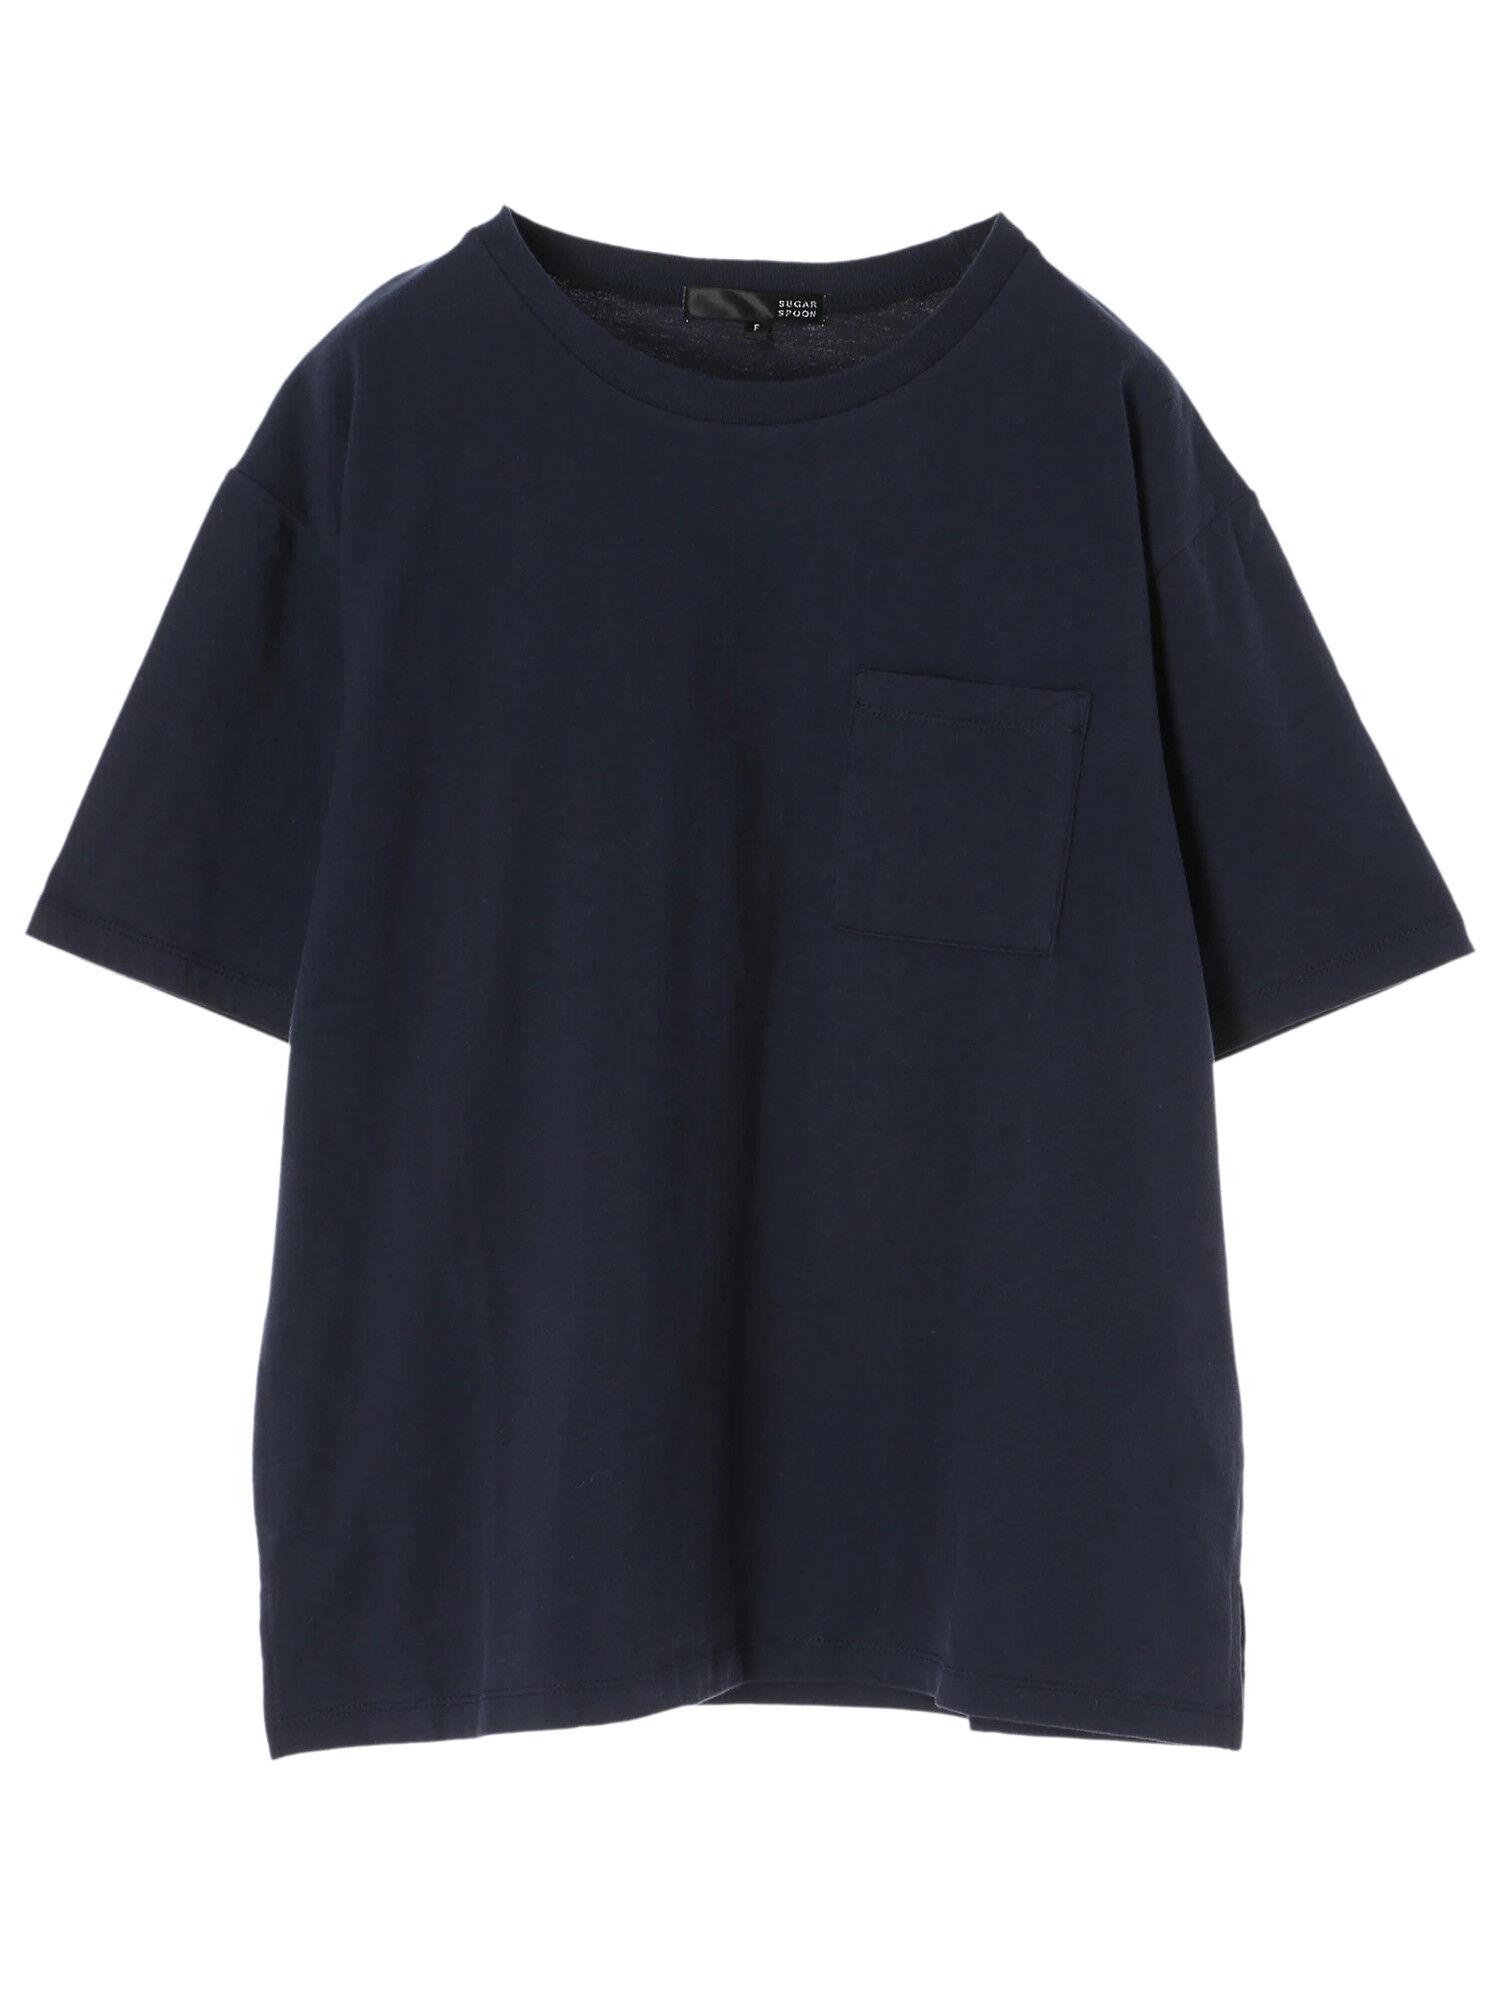 ポケット付ビッグTシャツ